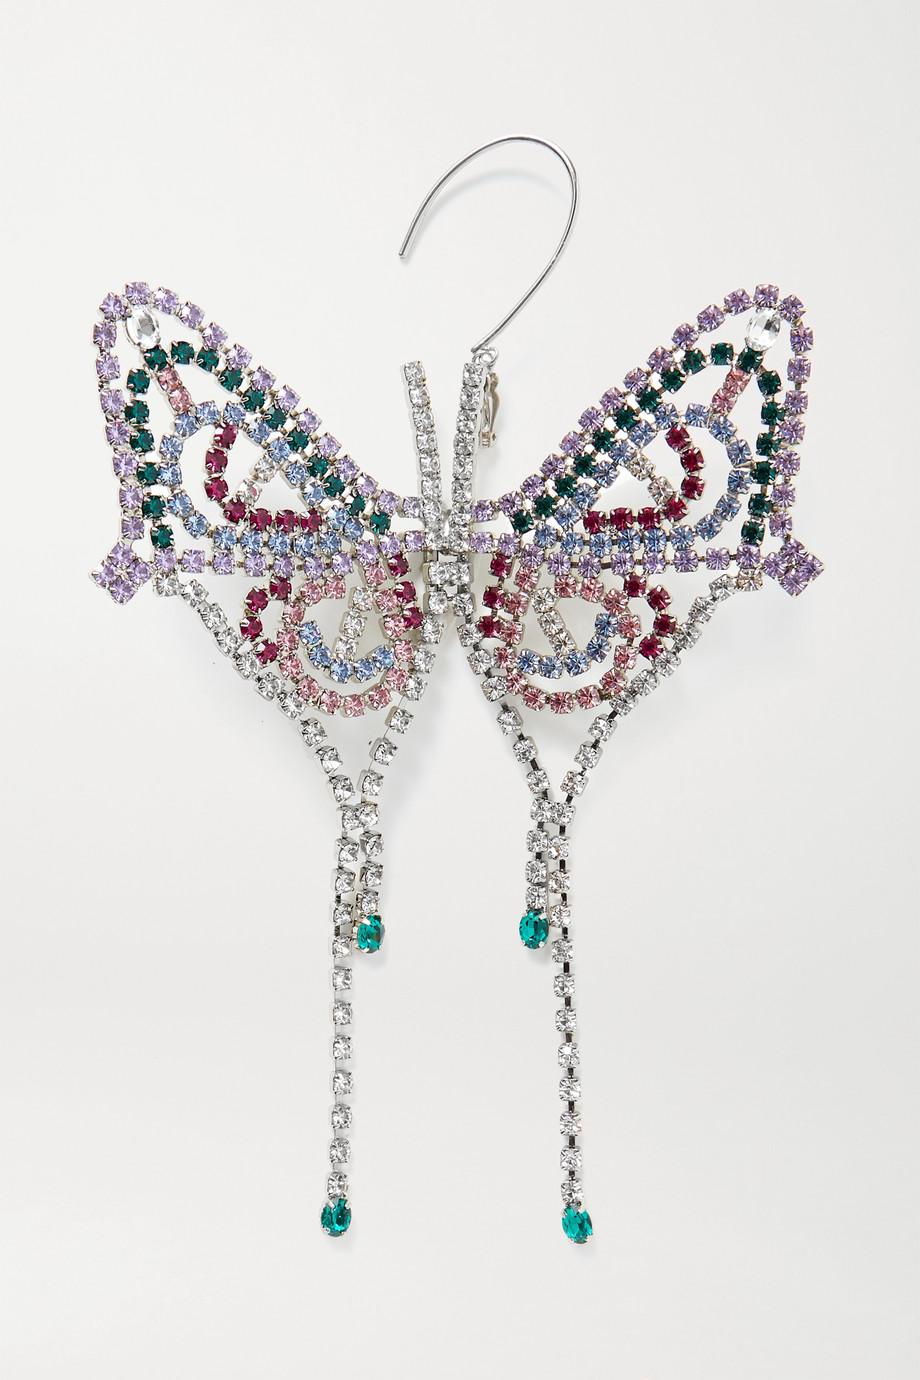 AREA Silberfarbener Ohrring mit Kristallen